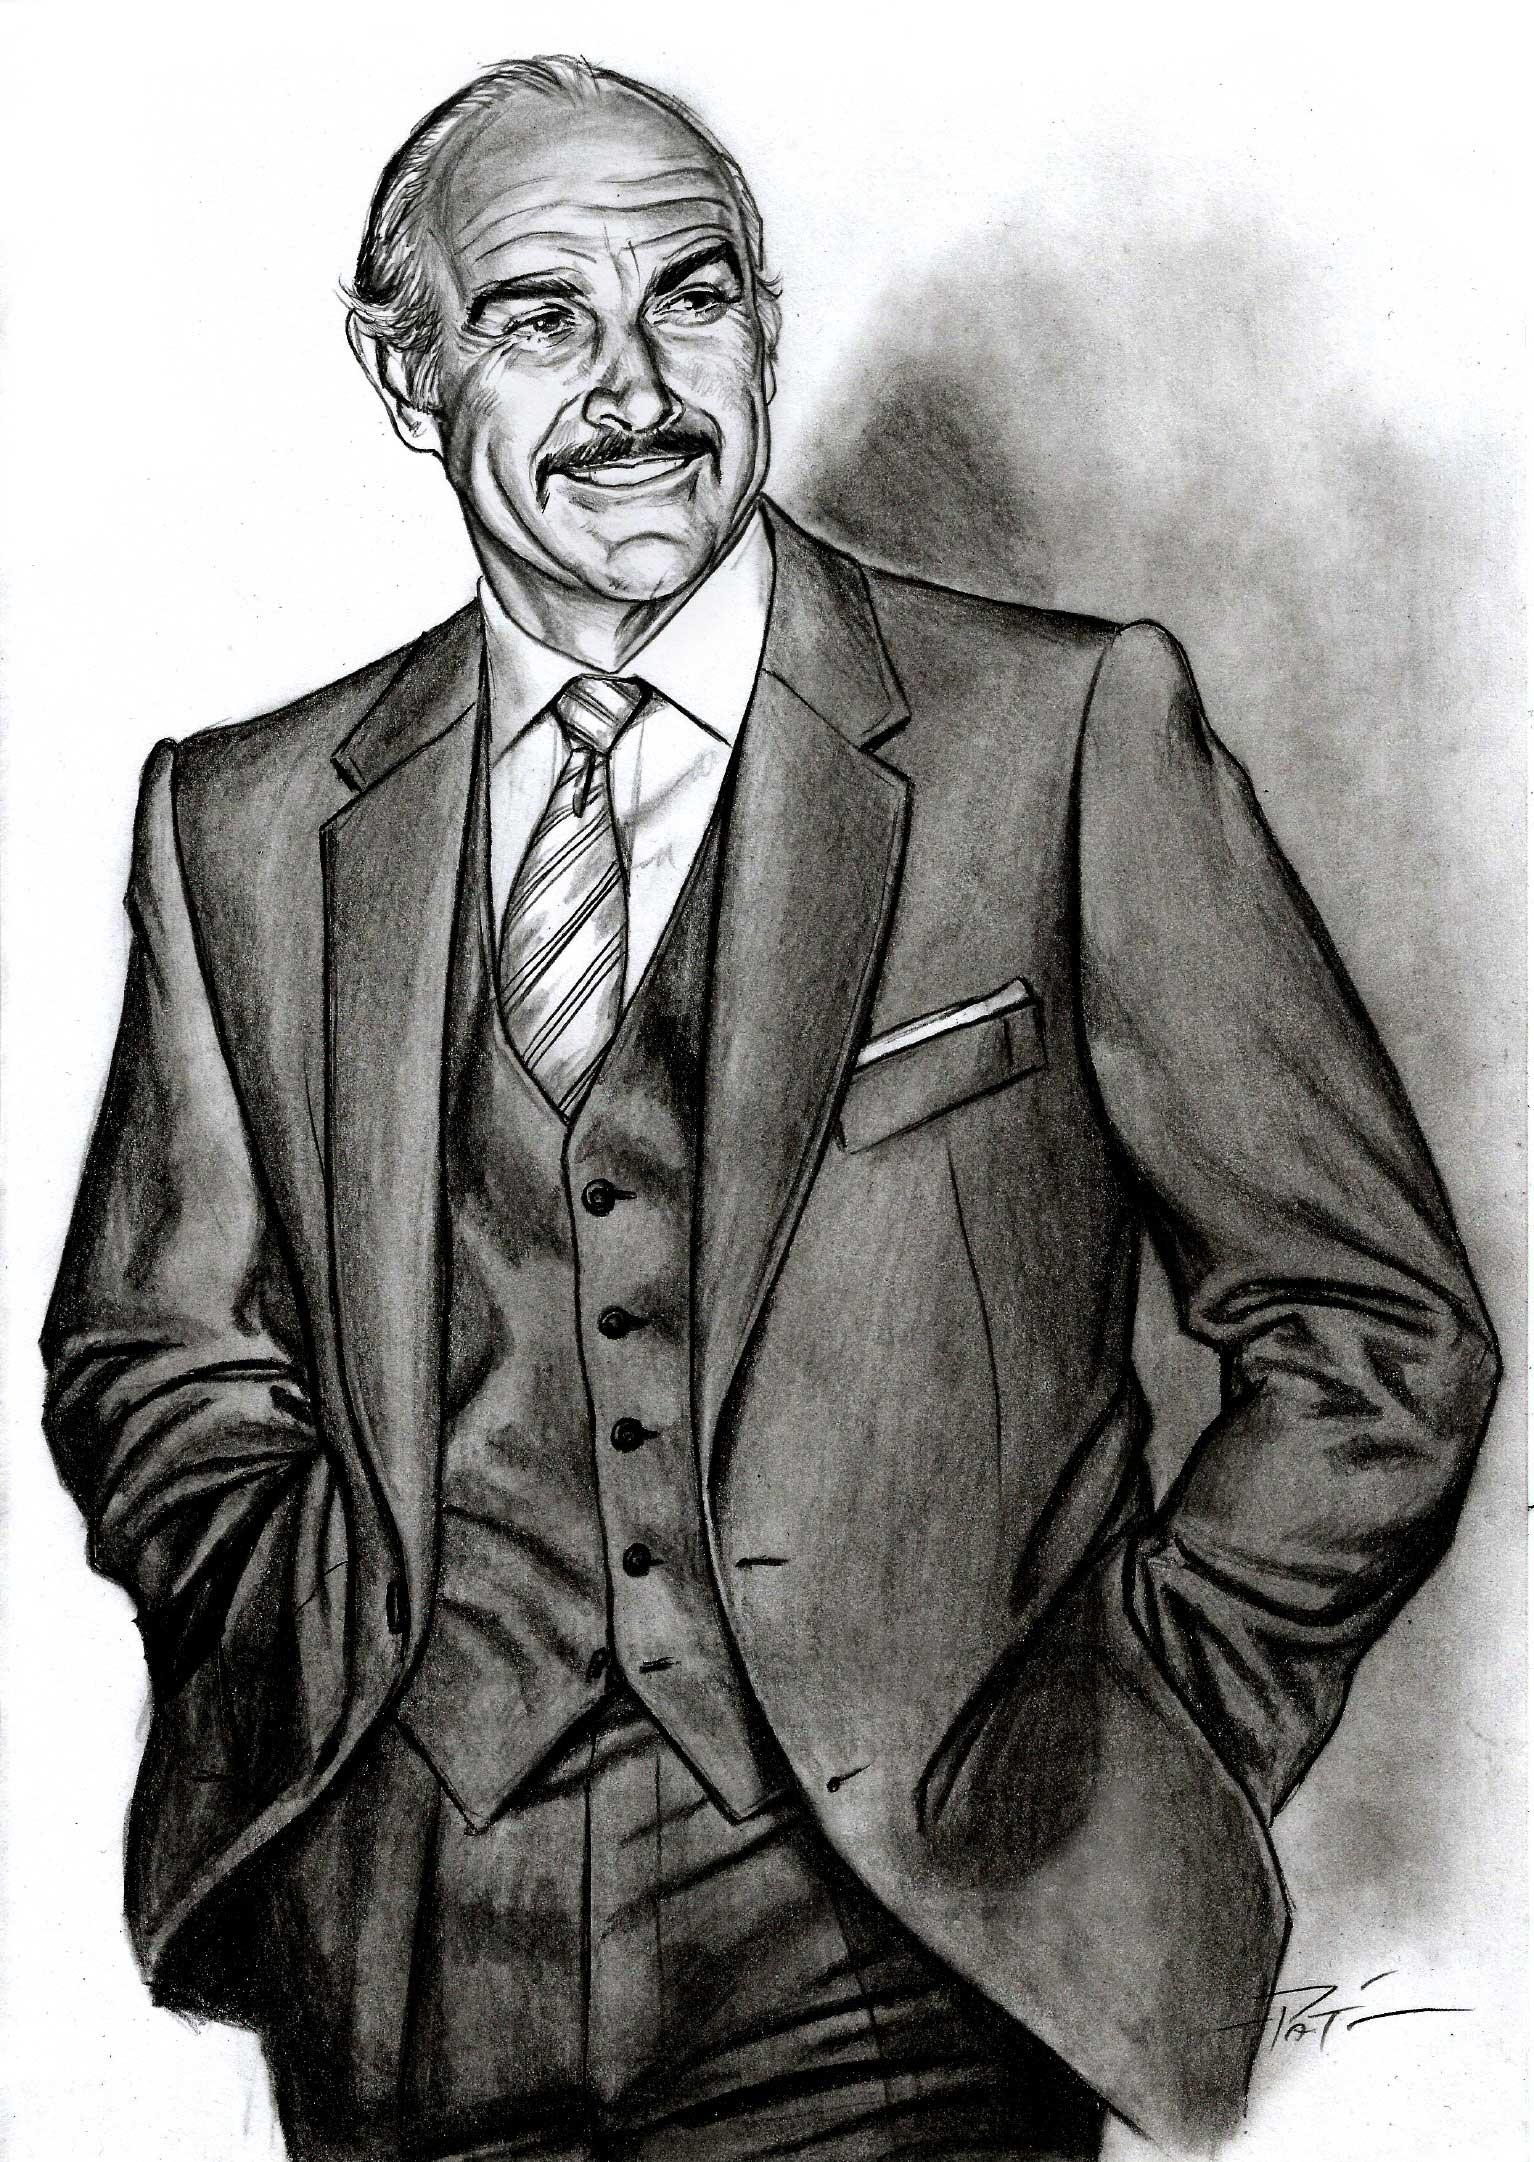 sean connery pencil sketch